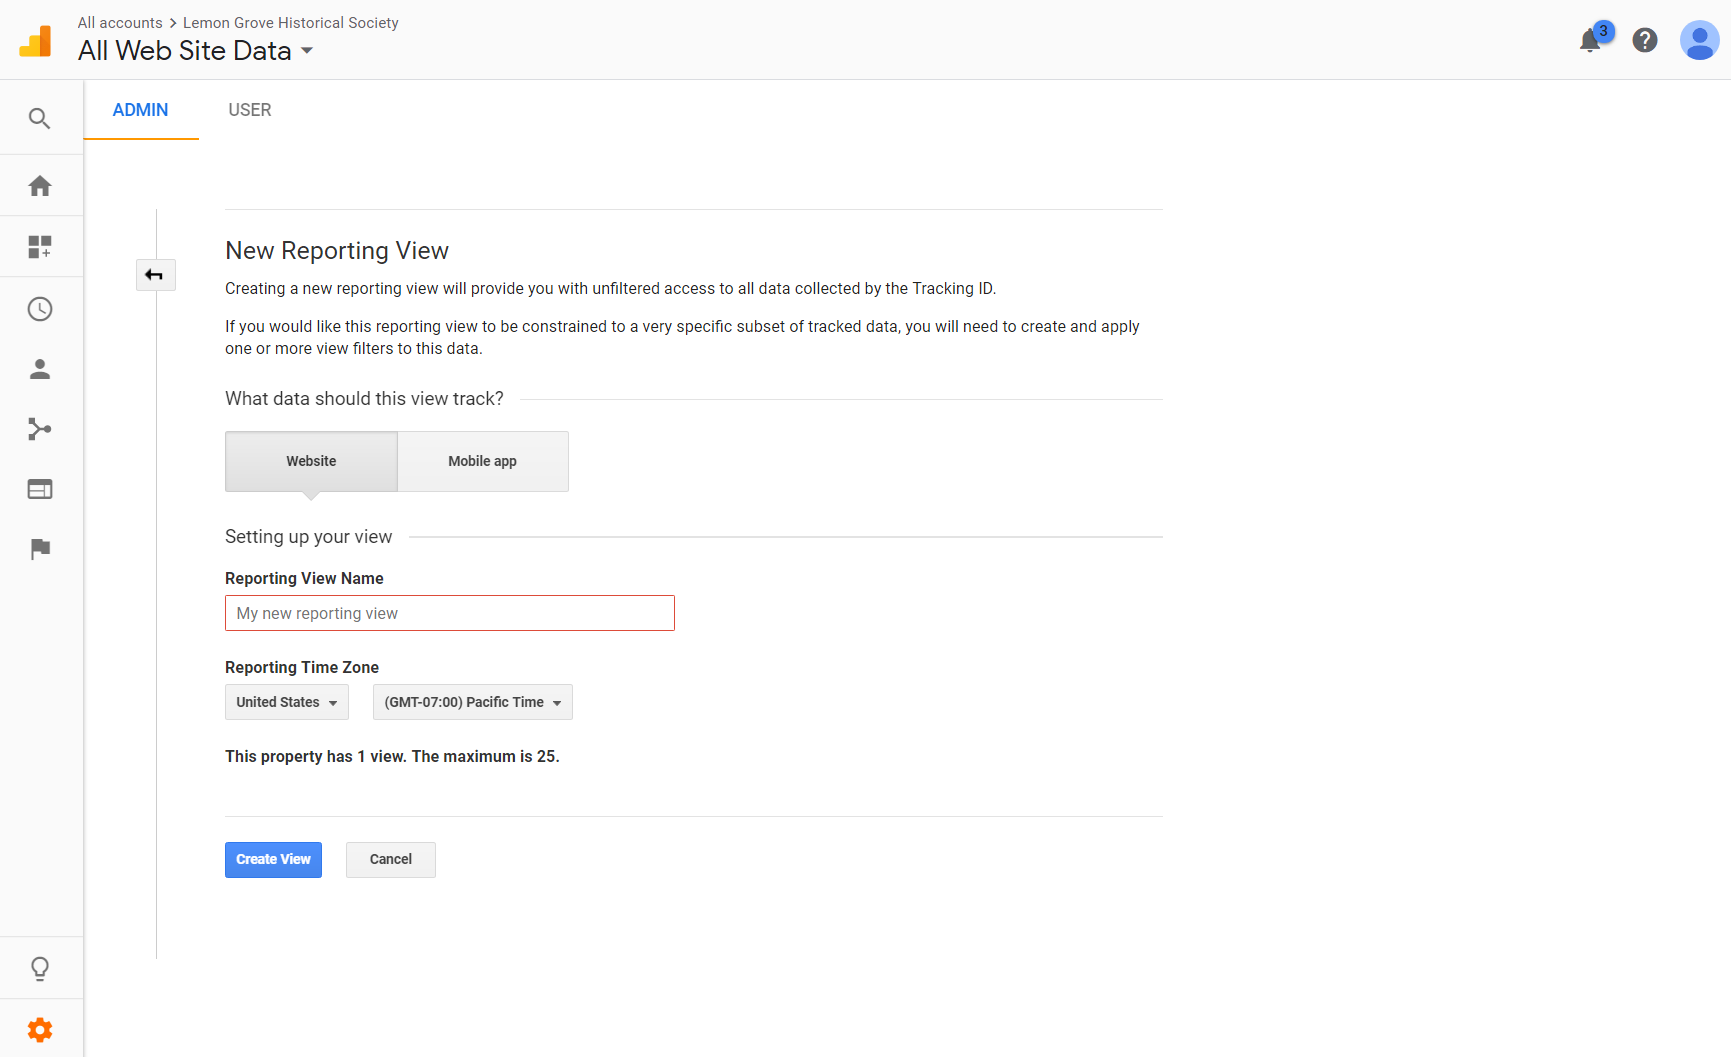 إعداد أداة Google Content Experiments لمتجرك على ماجنتو 2